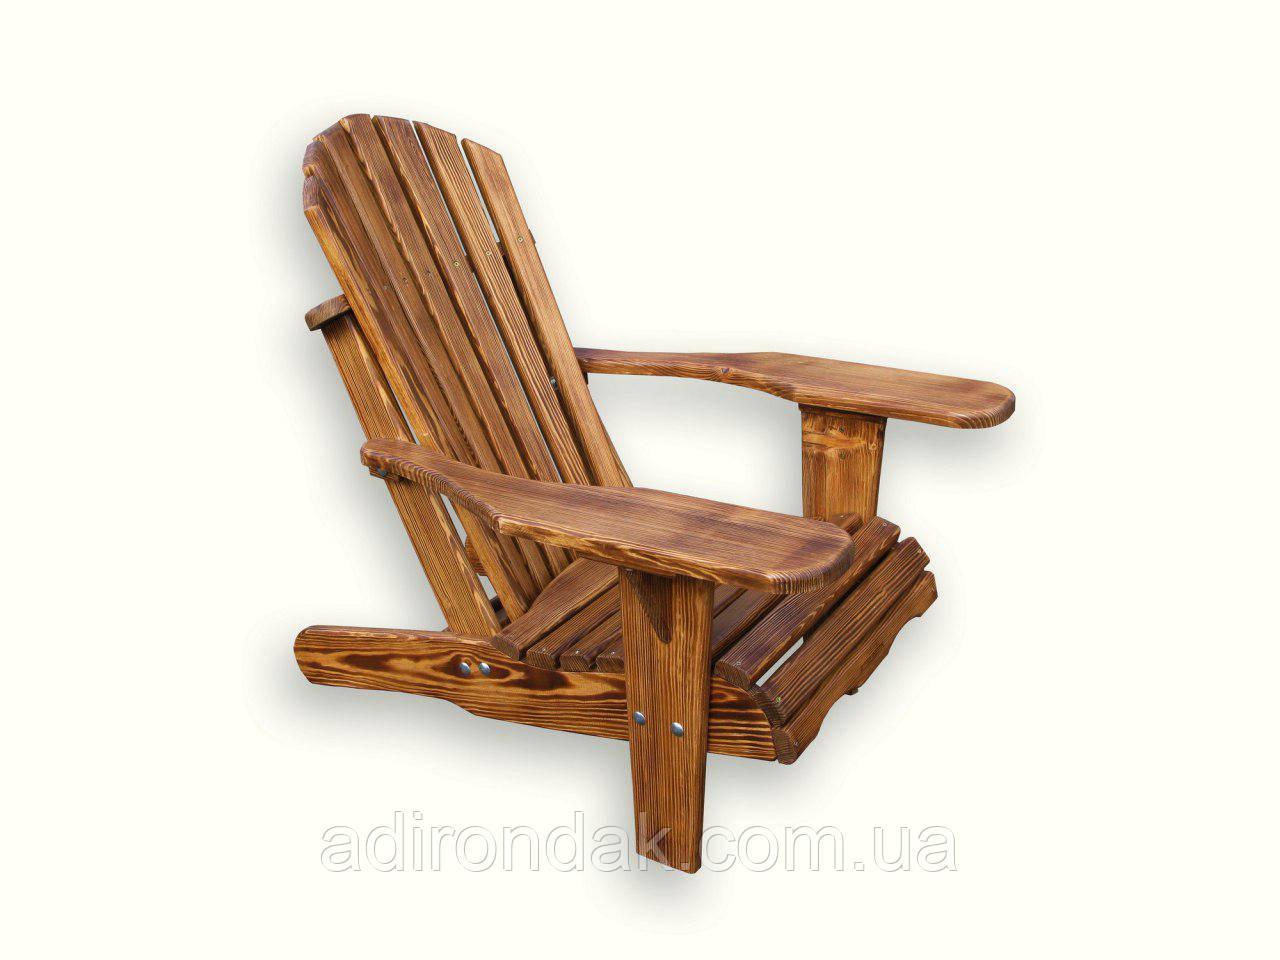 Деревянные садовые кресла Adirondack Whisper